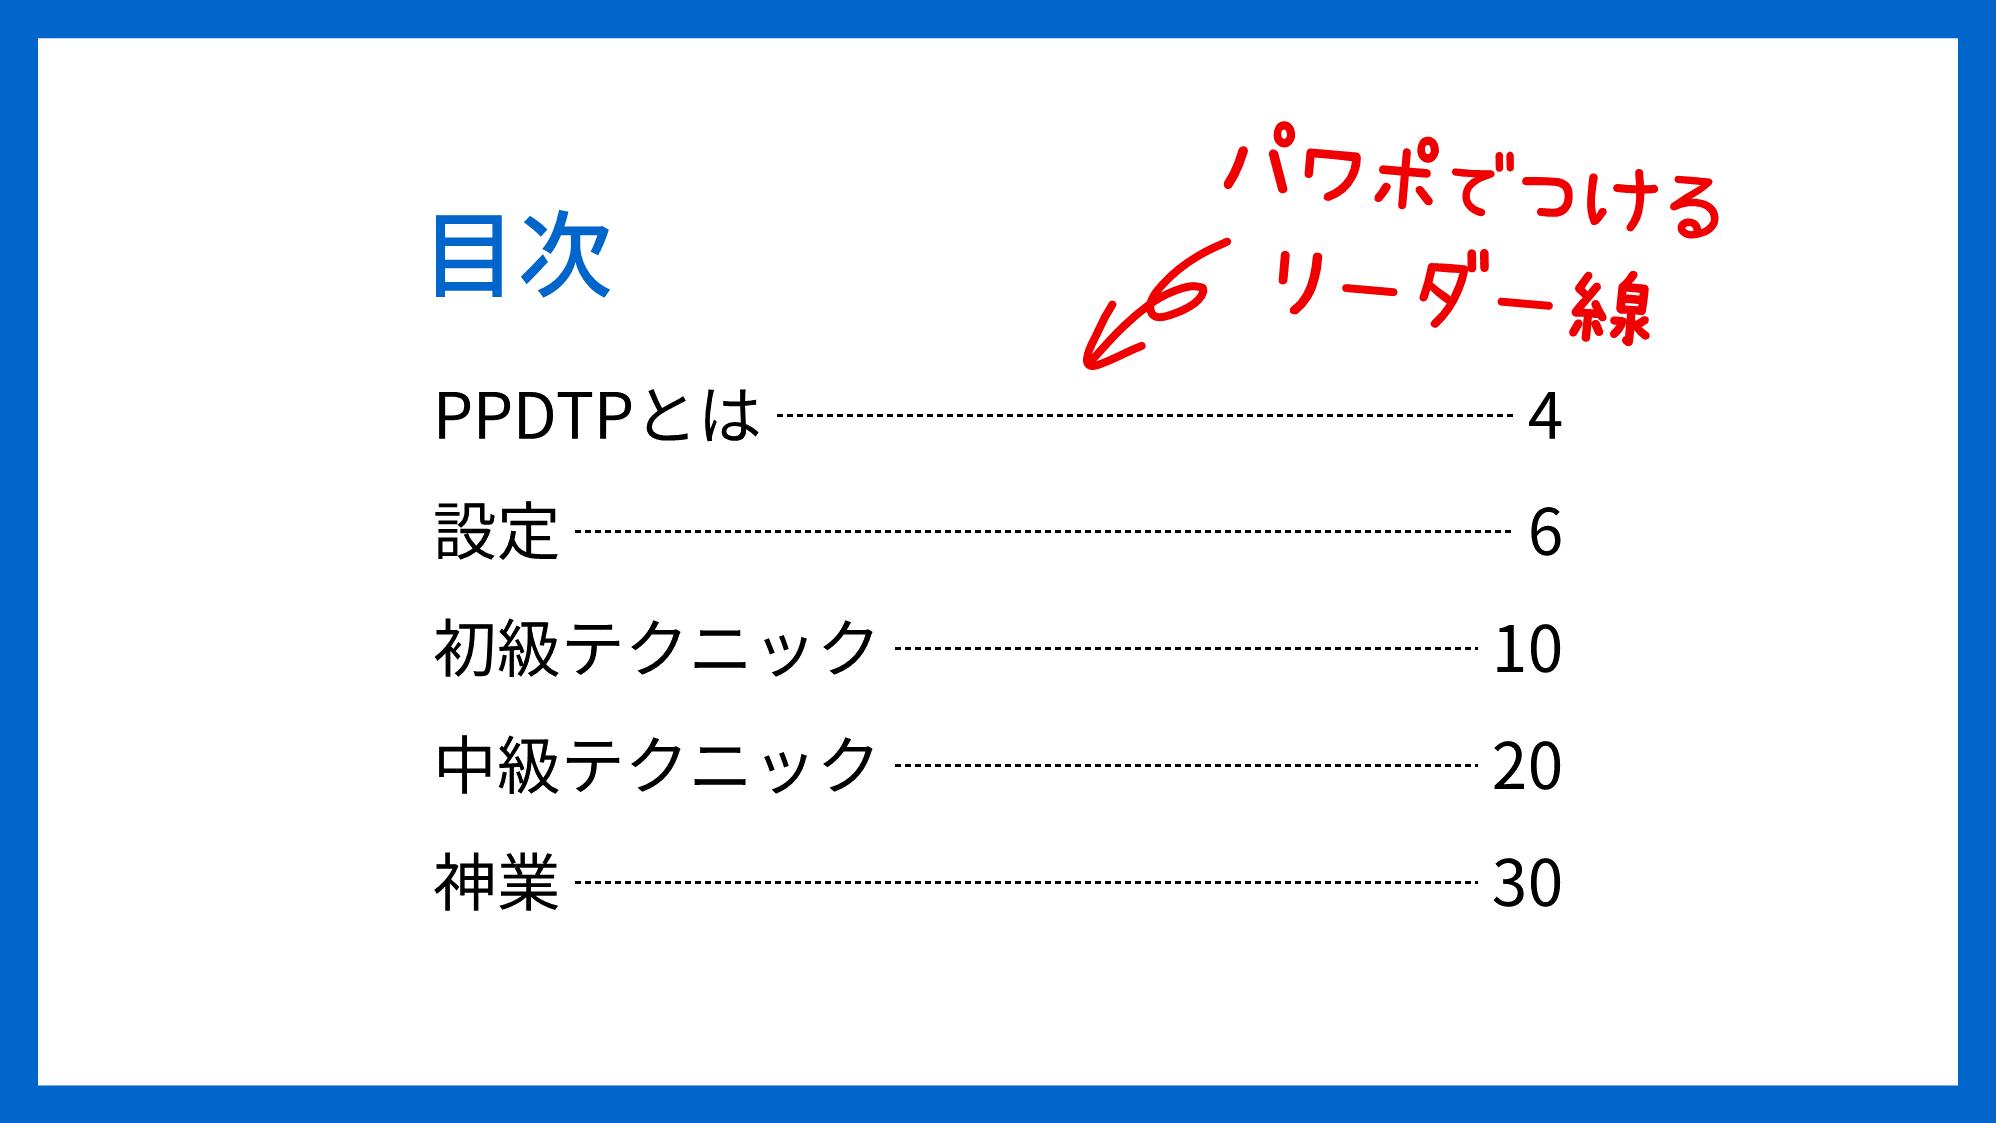 ページ 番号 powerpoint